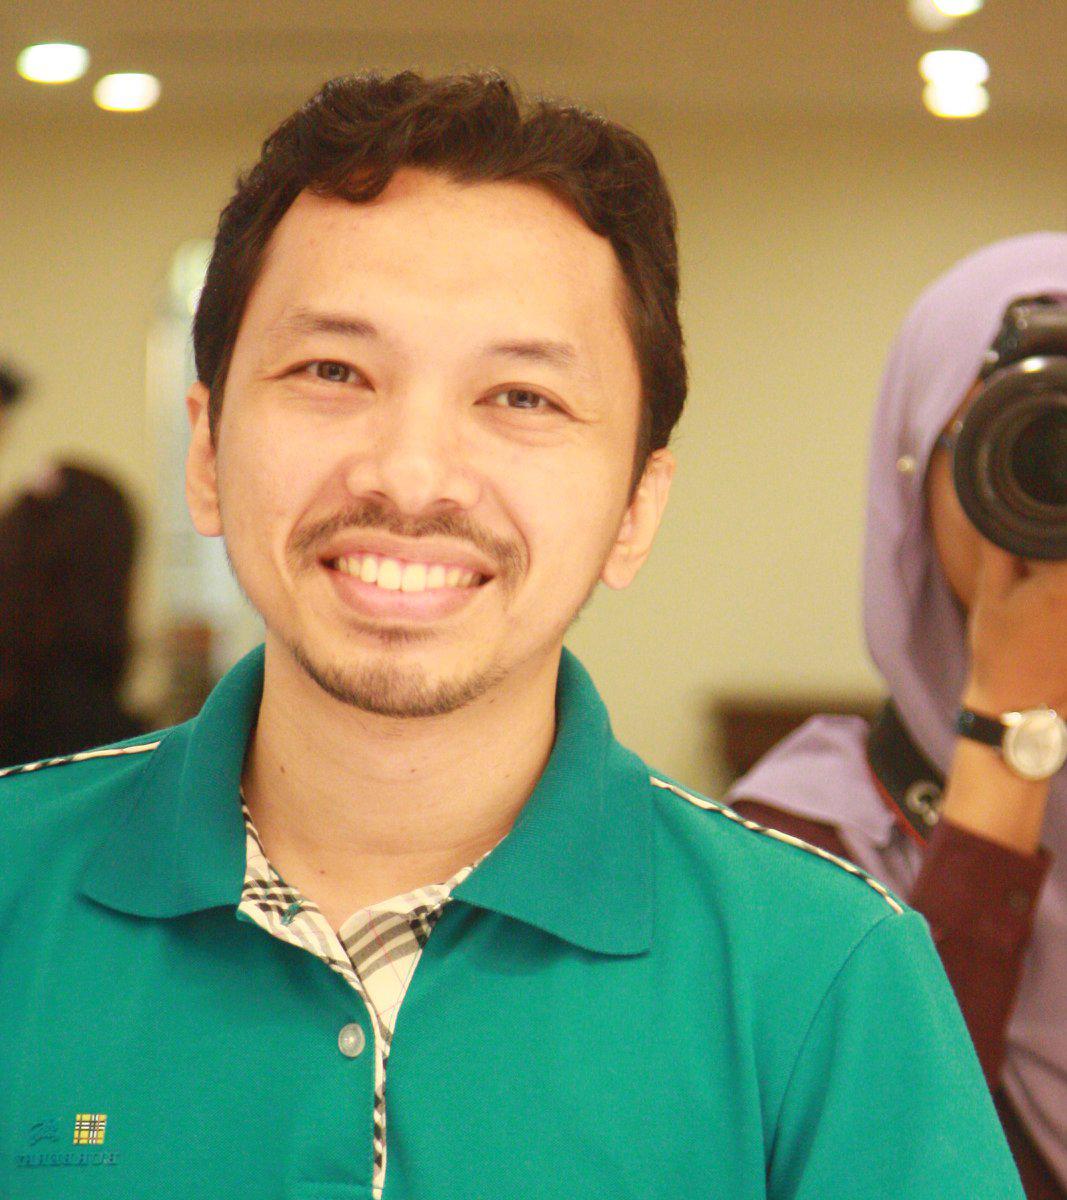 Wan Farid bin Wan Rusli